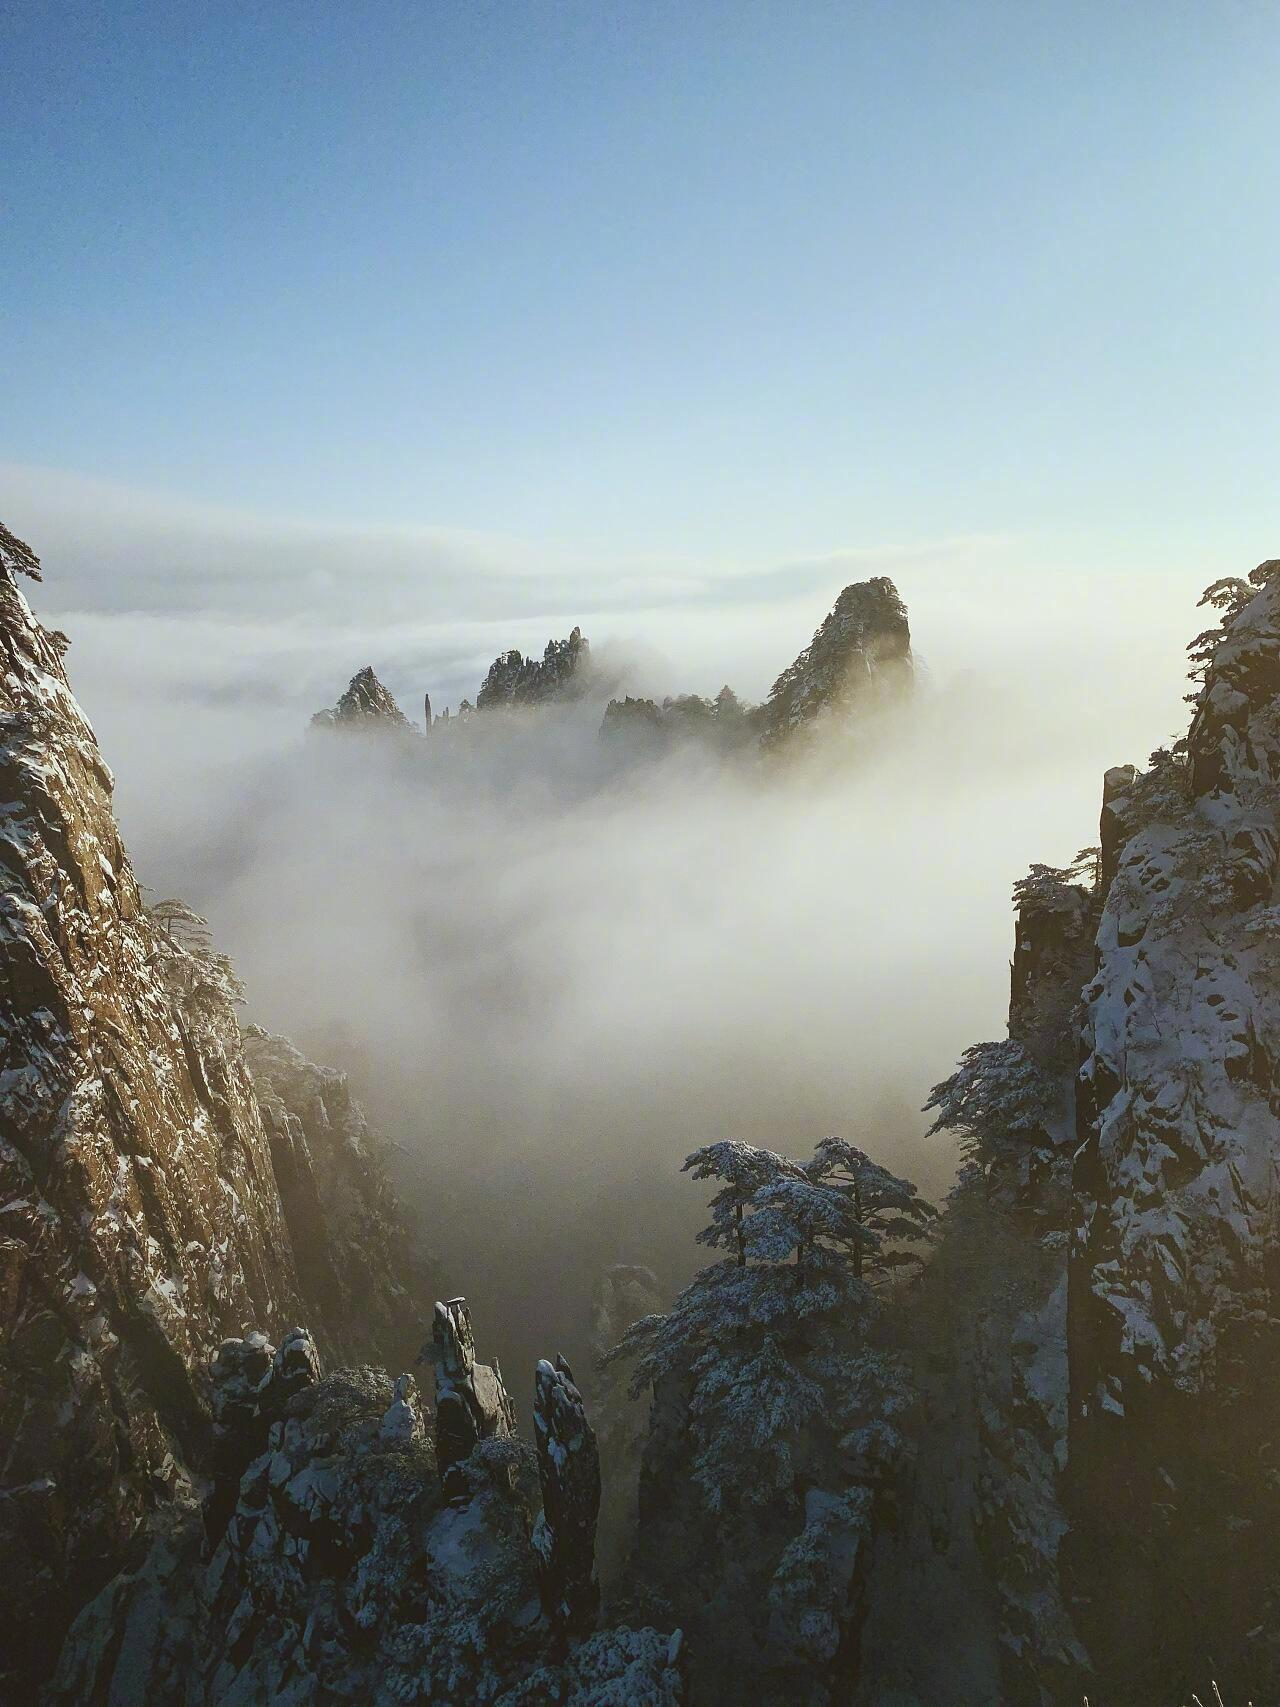 冬日黄山 黄山位于安徽南部黄山市境内……